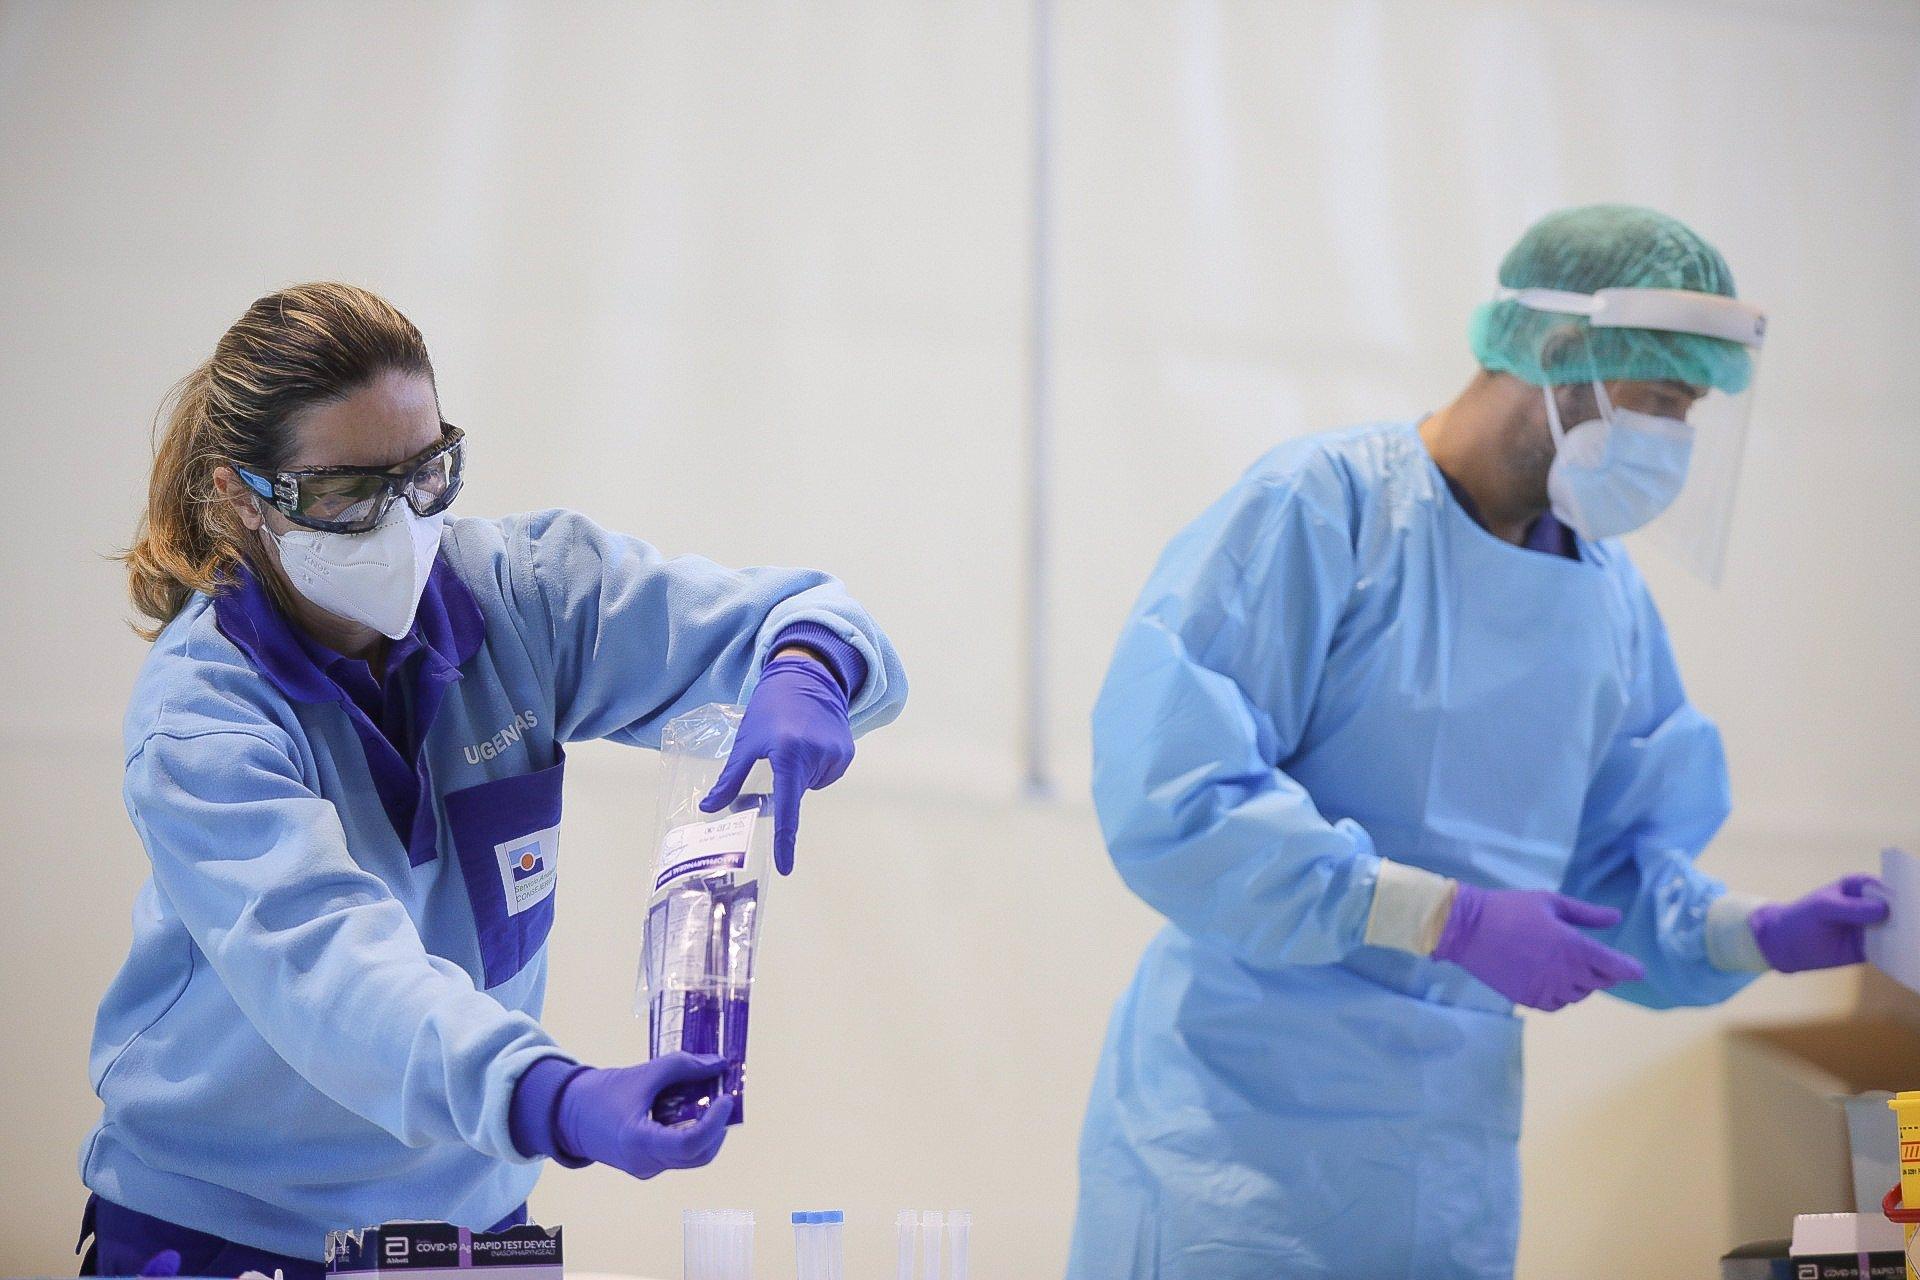 Andalucía registra 2.102 positivos, 23 muertos y su tasa baja de 300 por primera en más de un mes